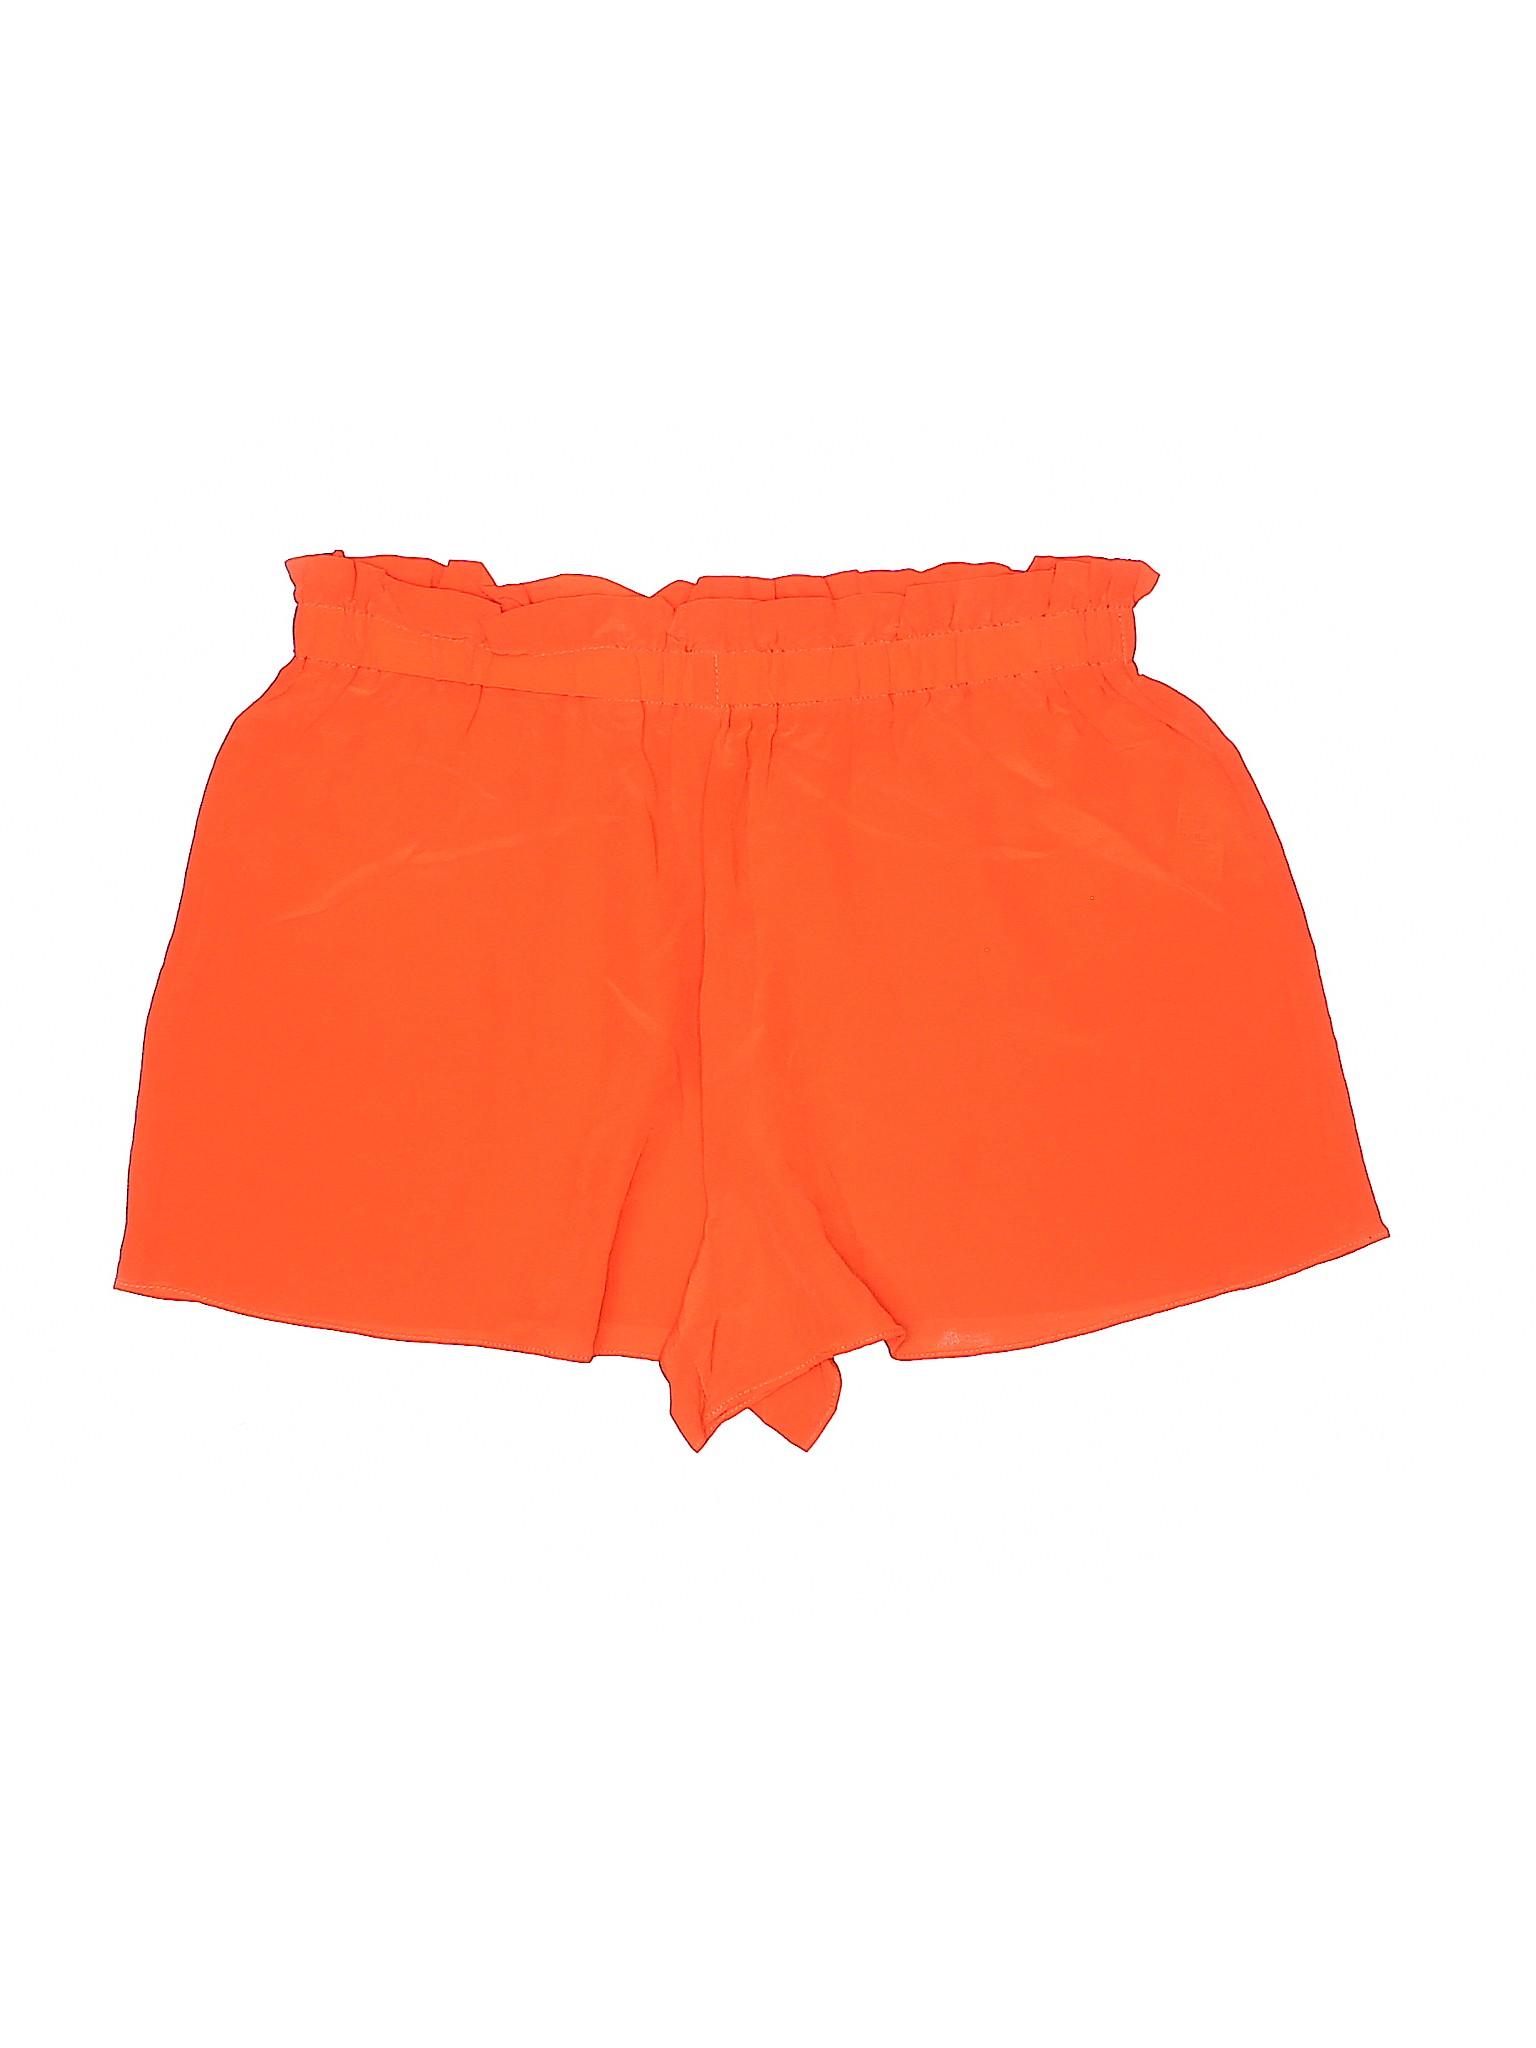 Boutique Boutique Topshop leisure Shorts leisure Boutique dBg5qw